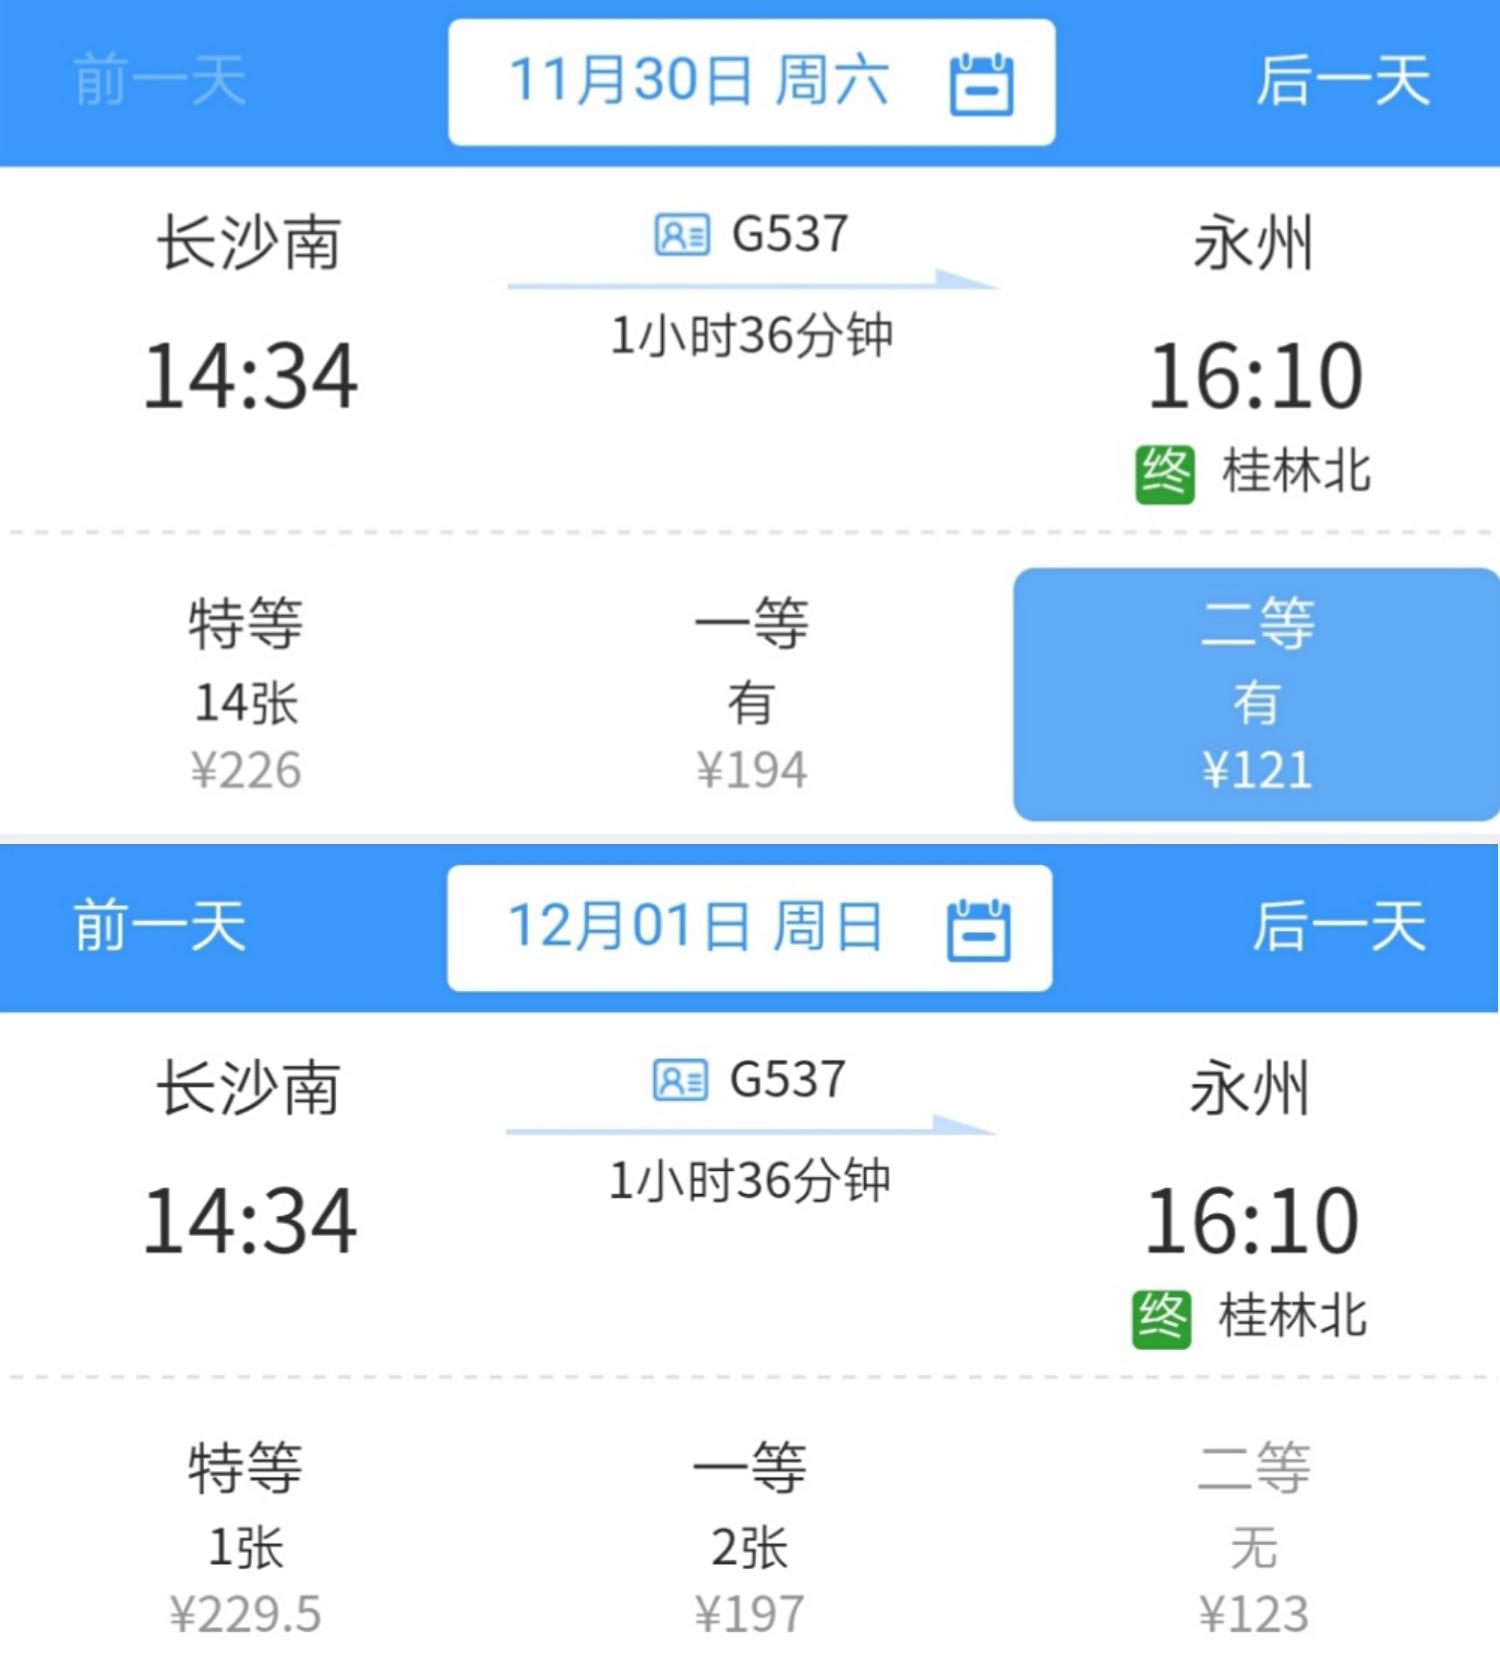 @所有人:明天起,湖南这些高铁车票价格上调 新湖南www.hunanabc.com